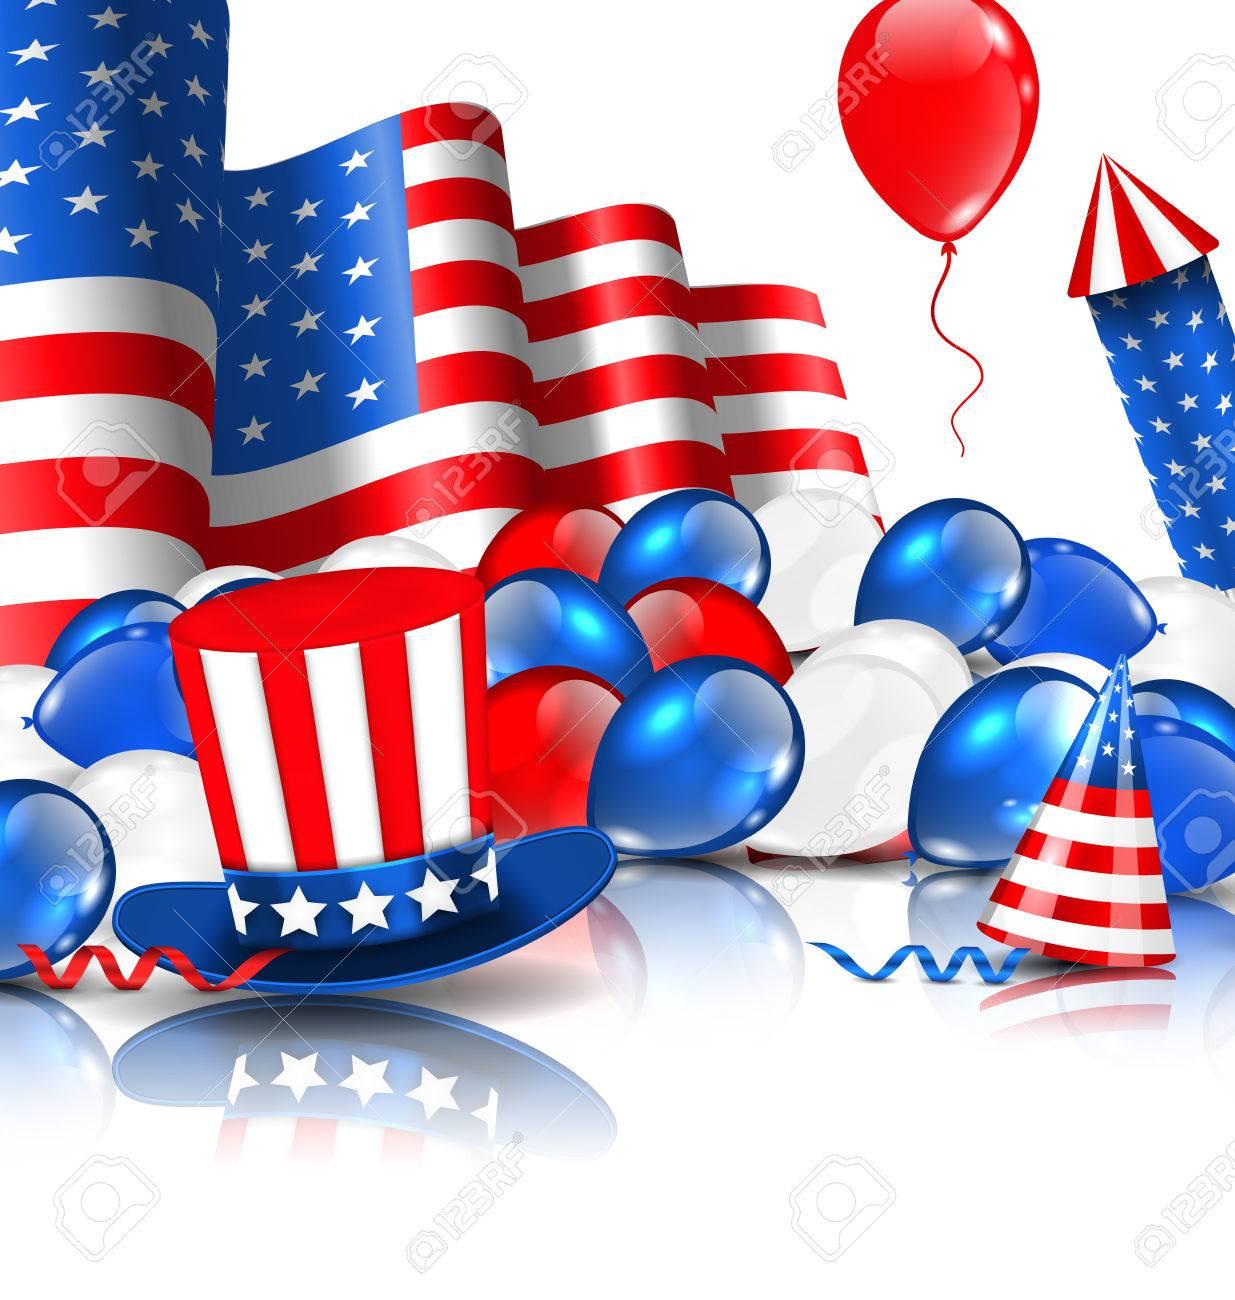 風船 アメリカ国旗の色でイラストのかわいい壁紙パーティー帽子 花火